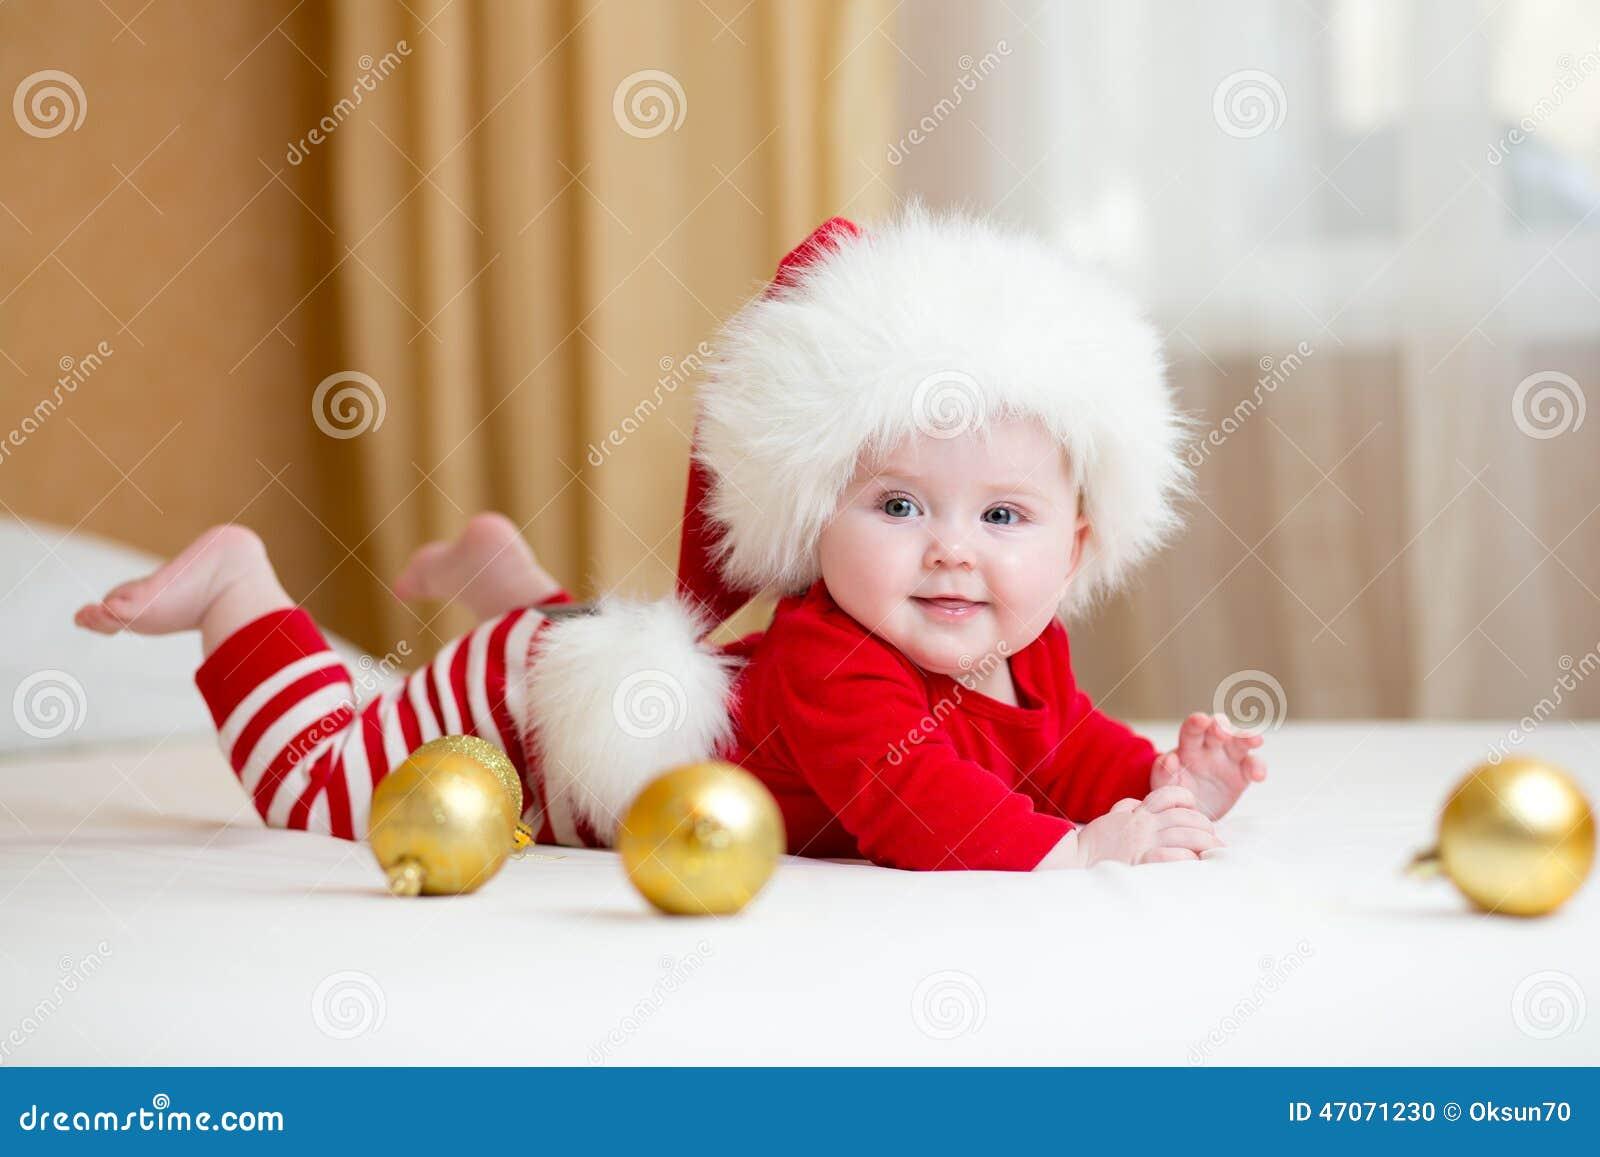 V tements de no l weared par b b mignon photo stock for Cute baby christmas photo ideas